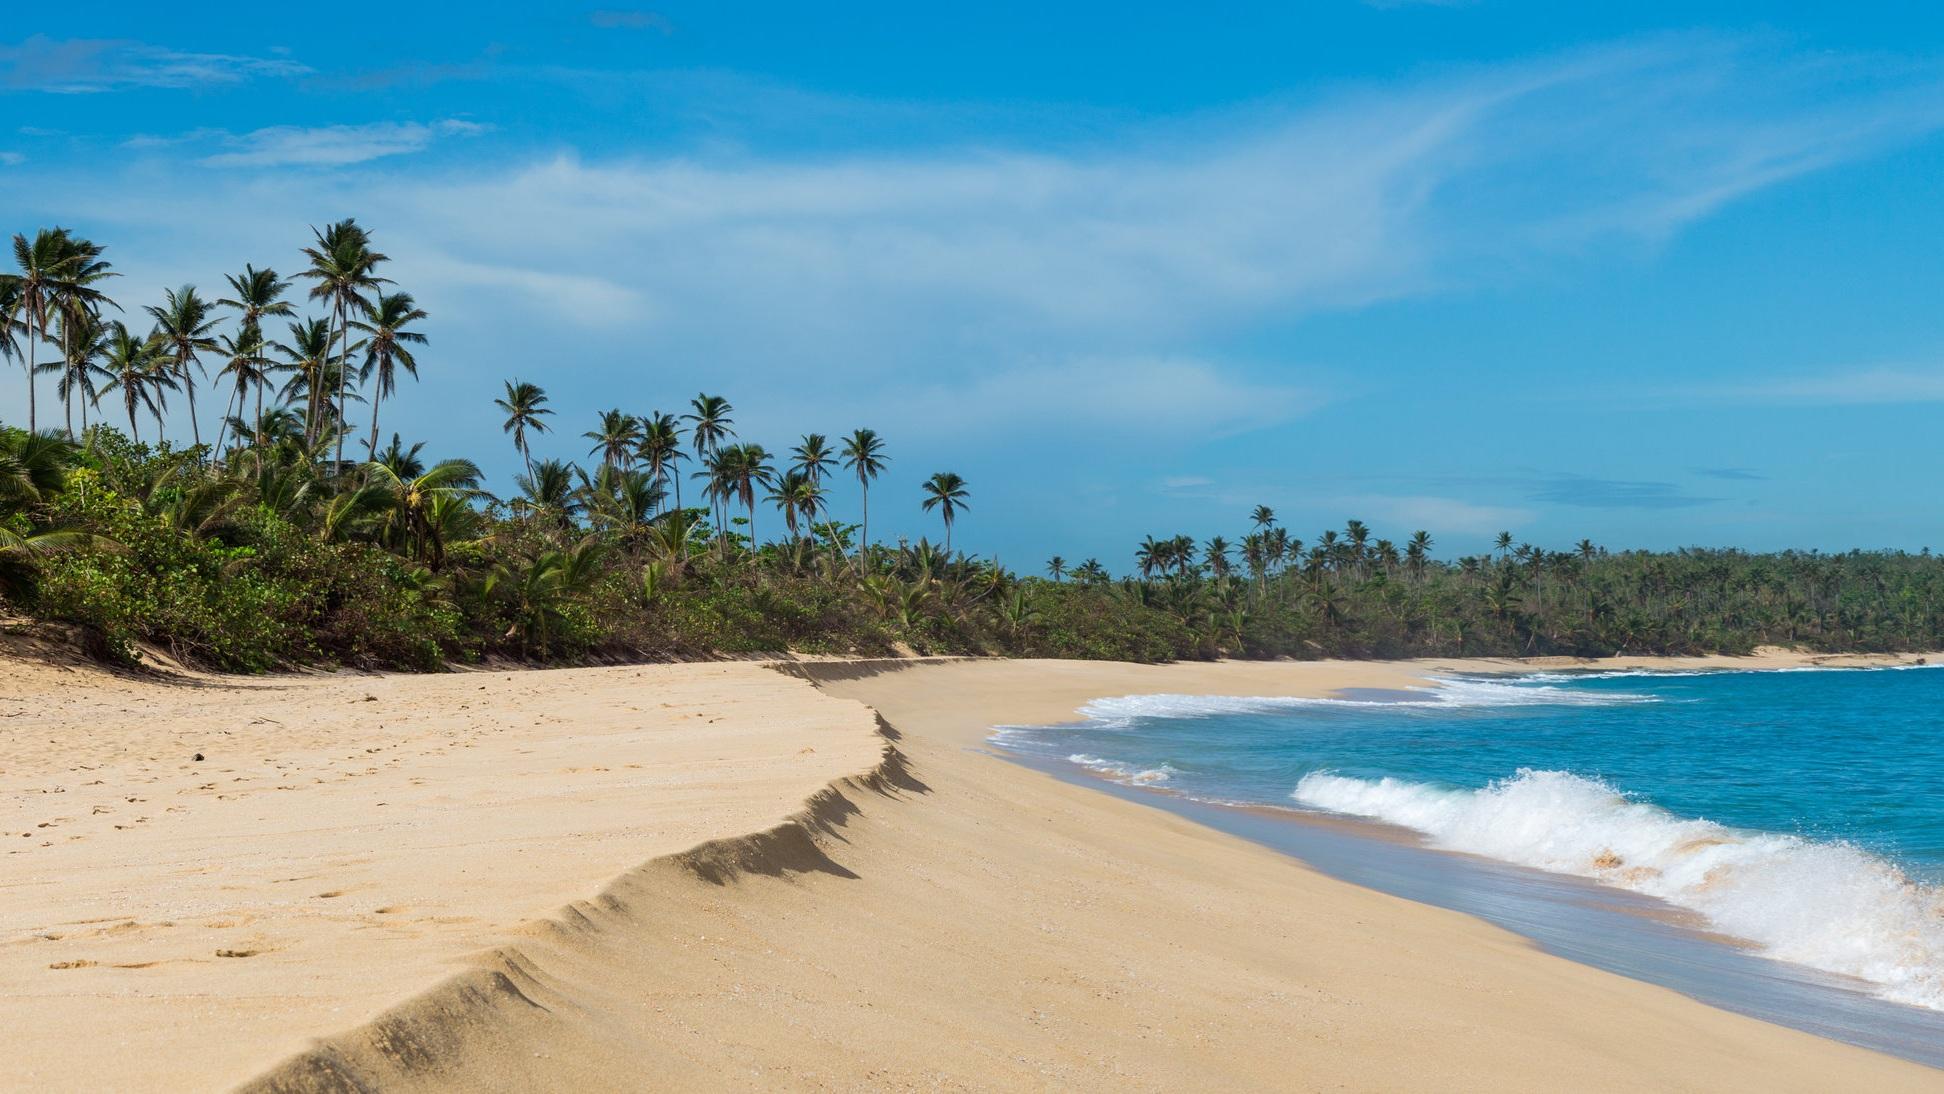 Karibien - Upplev det tropiska paradiset i Karibien. Azamara Journey har flera rutter som tar dig till en rad av världens vackraste öar.